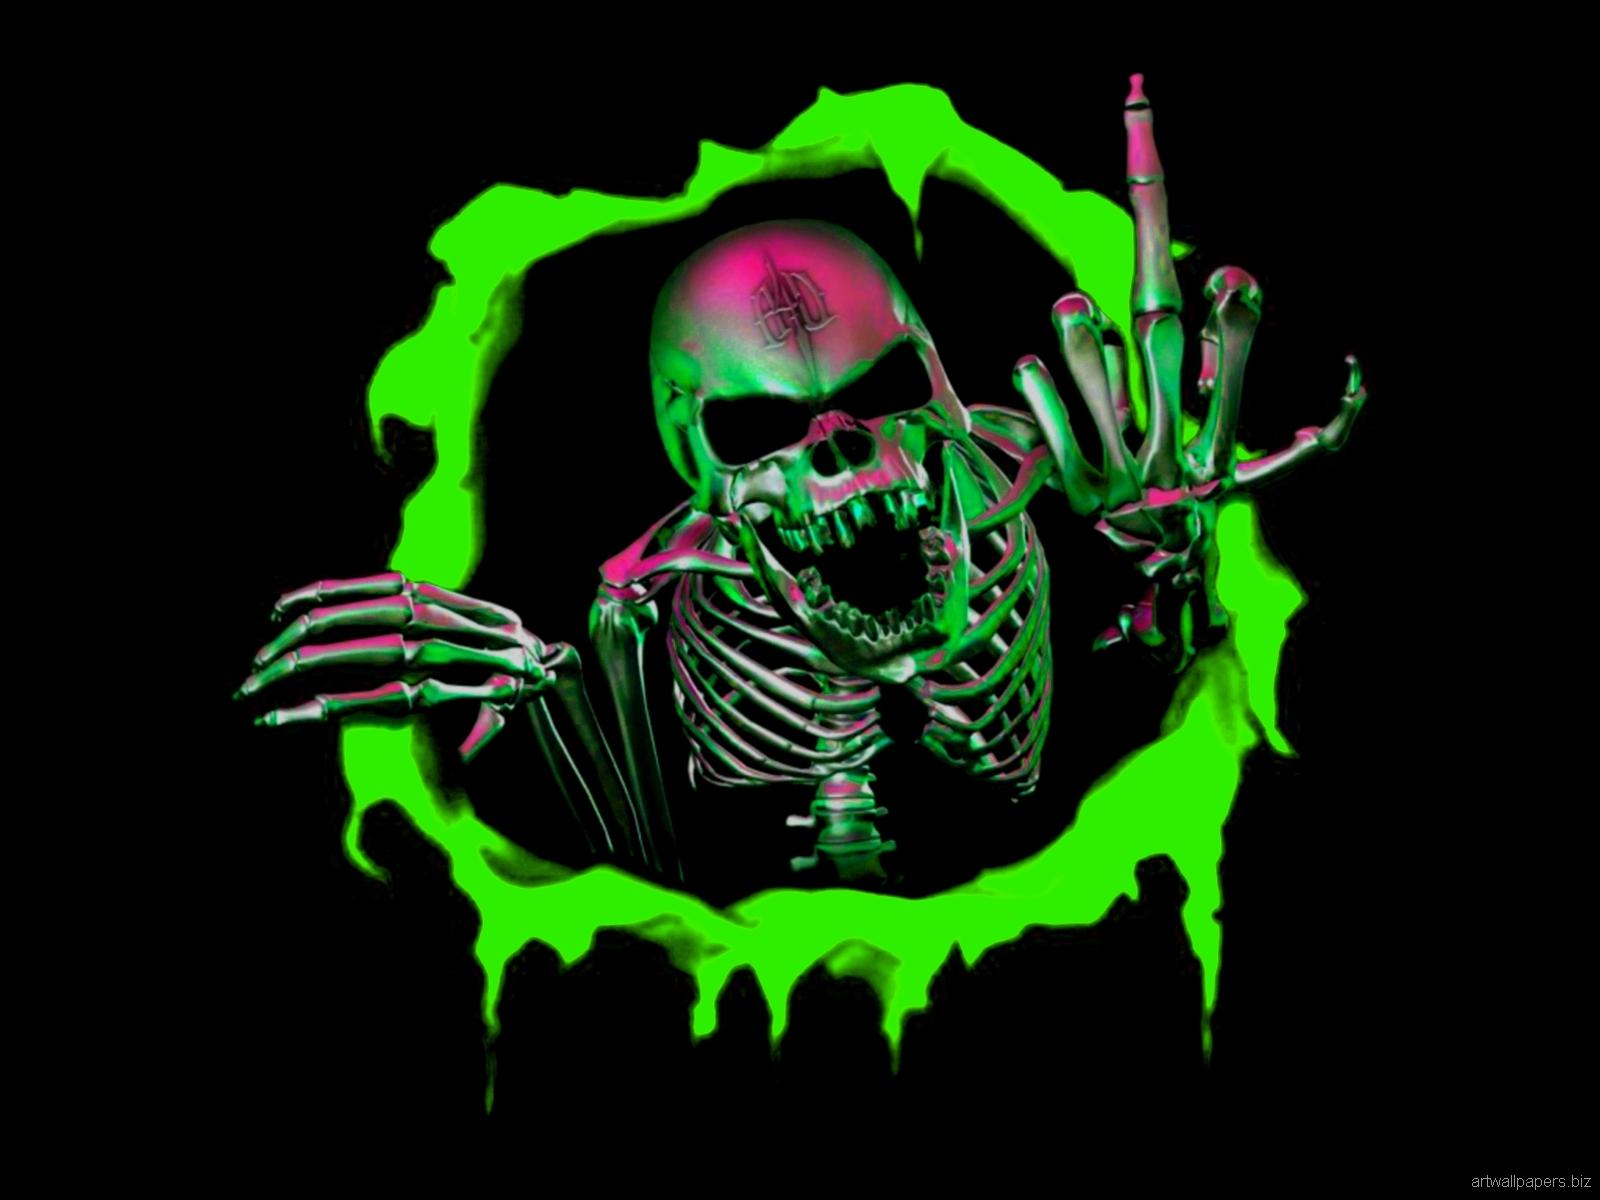 Green Skull Wallpaper 1600x1200